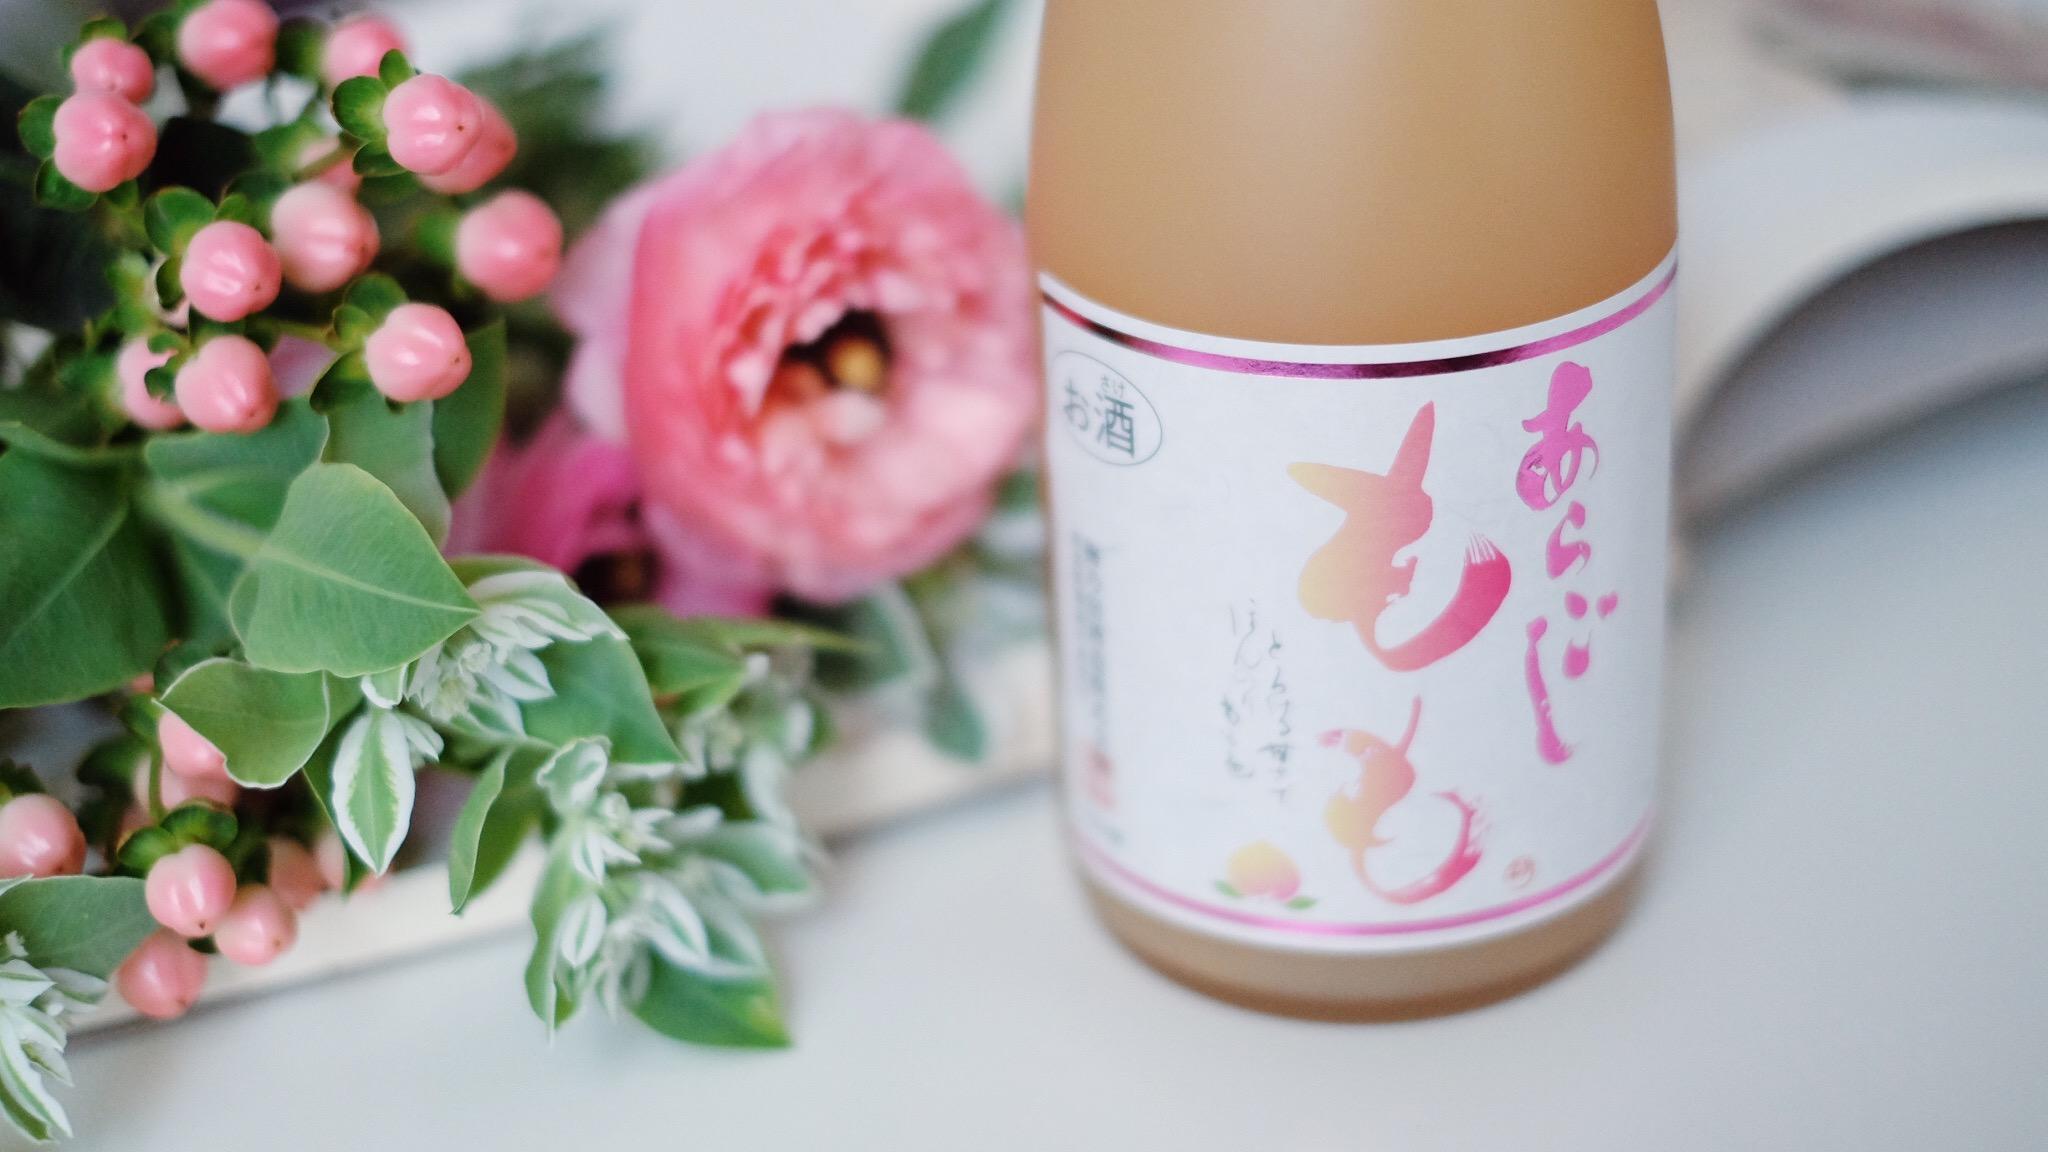 日本梅乃宿 梅子酒/桃子/柚子果肉酒 果肉酒标杆